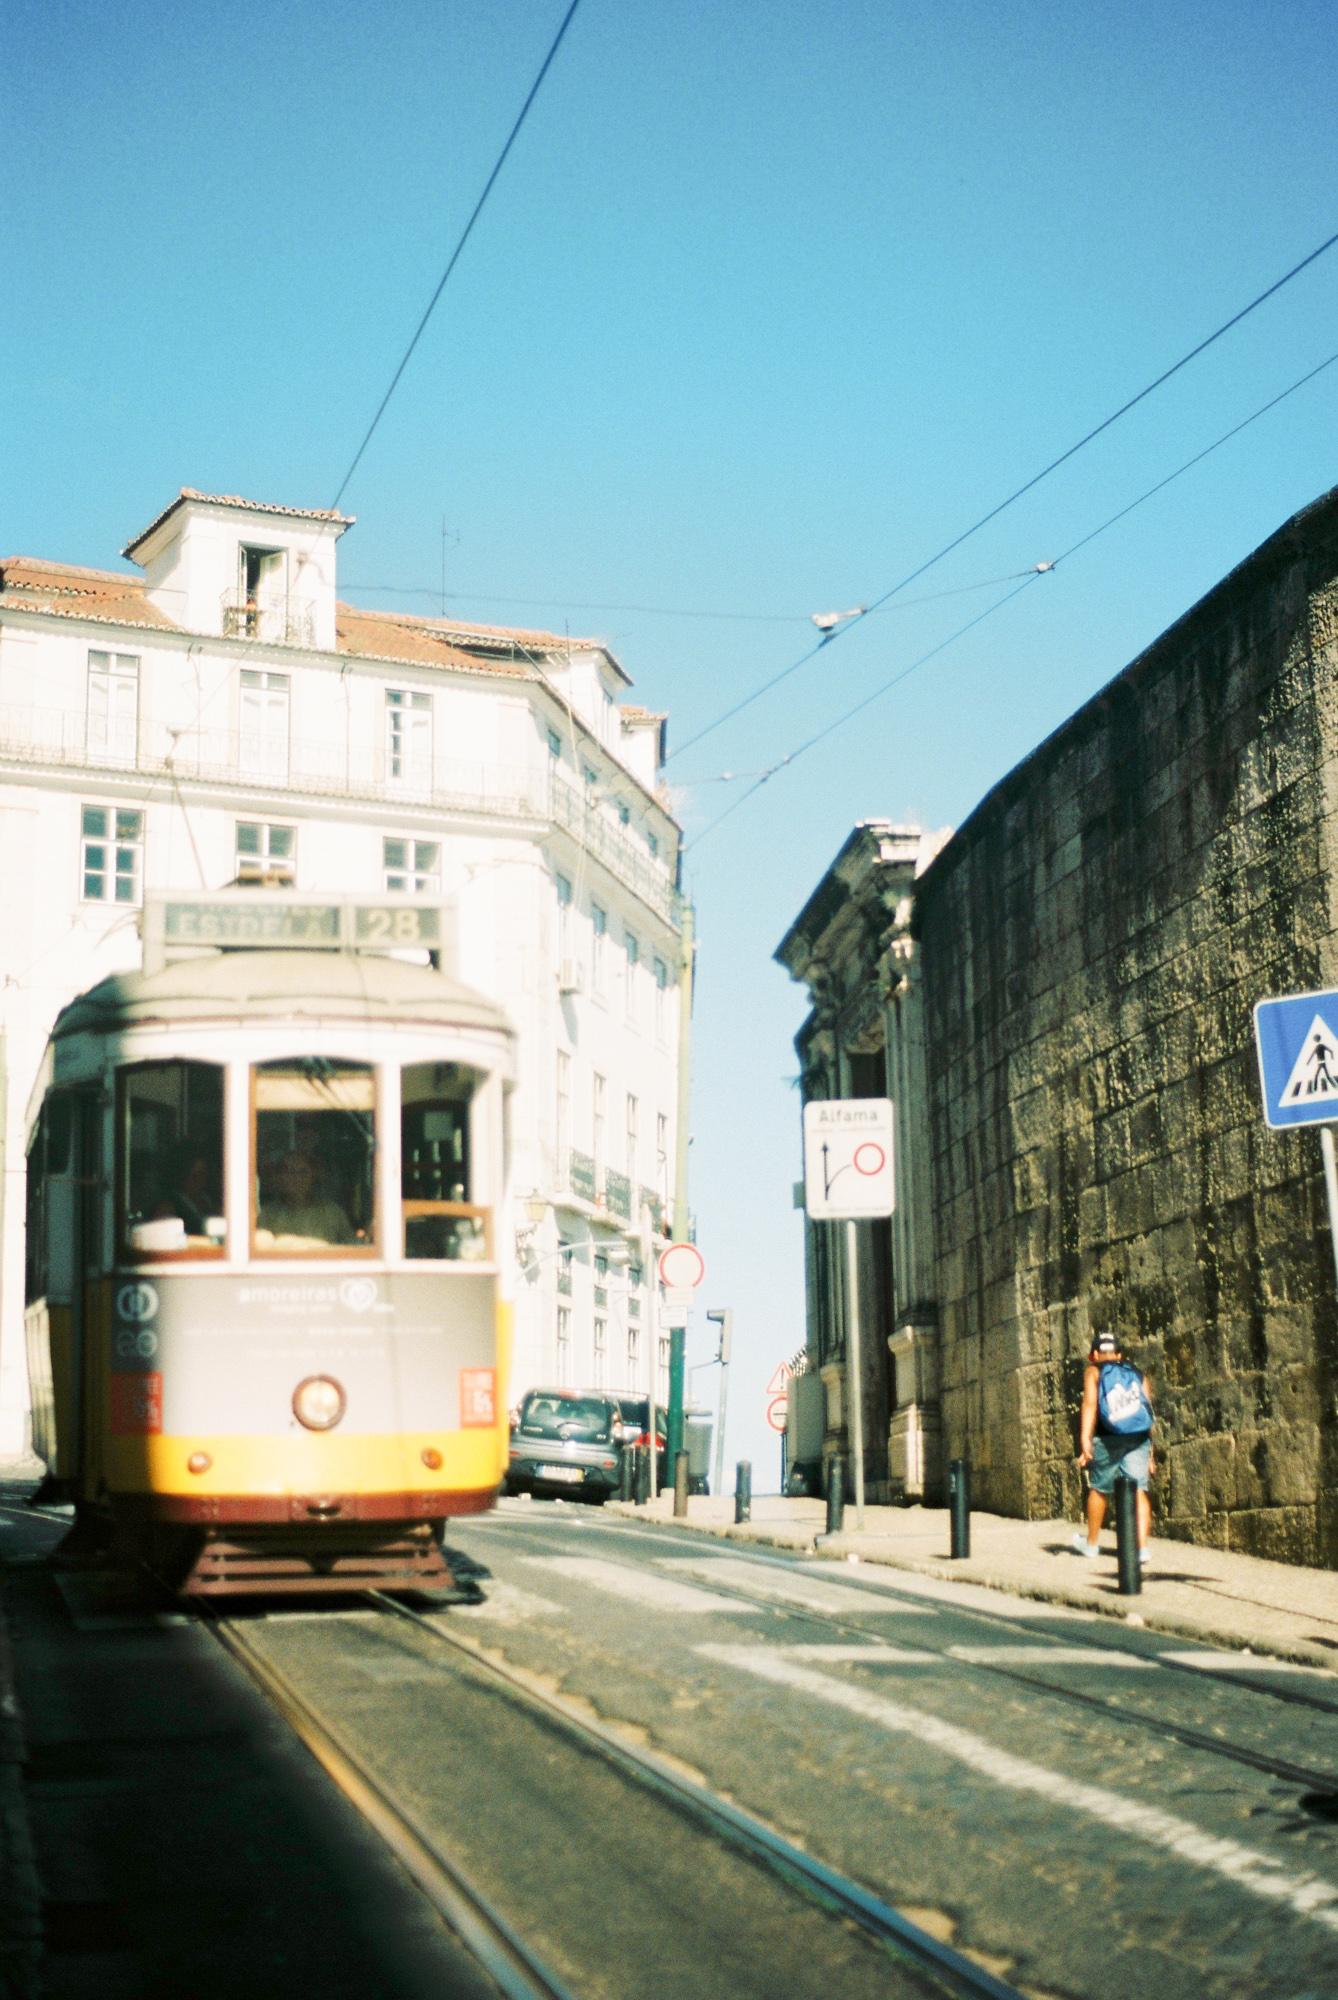 Fotografia-Analogica-Lisboa-Filme-Oceanica-4.jpg